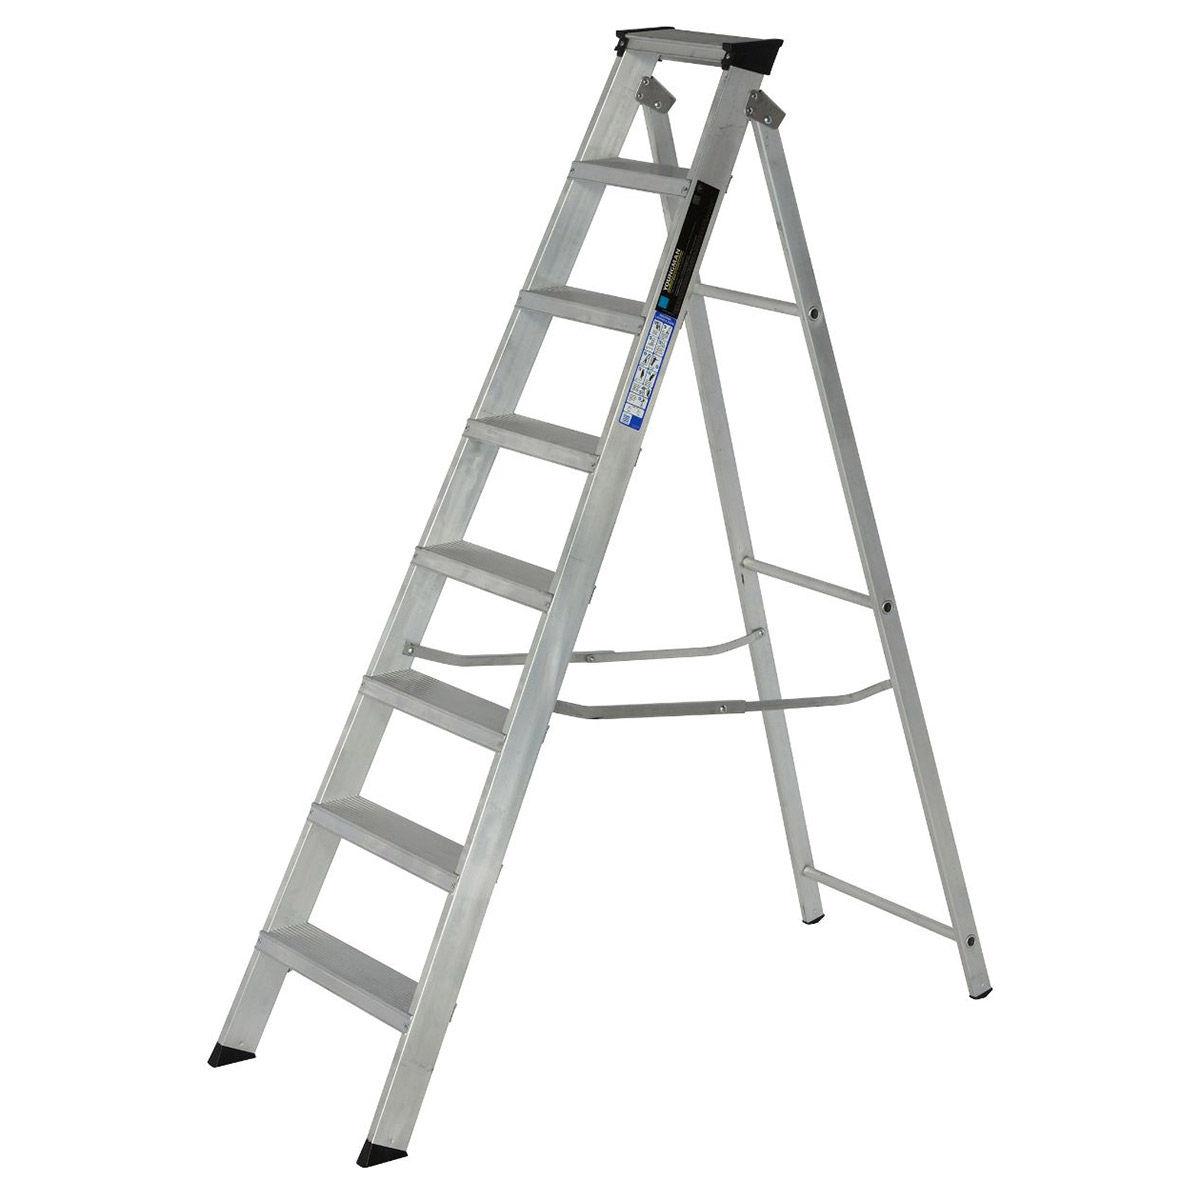 Toolstop Youngman 308996 Builders Steps 8 Tread